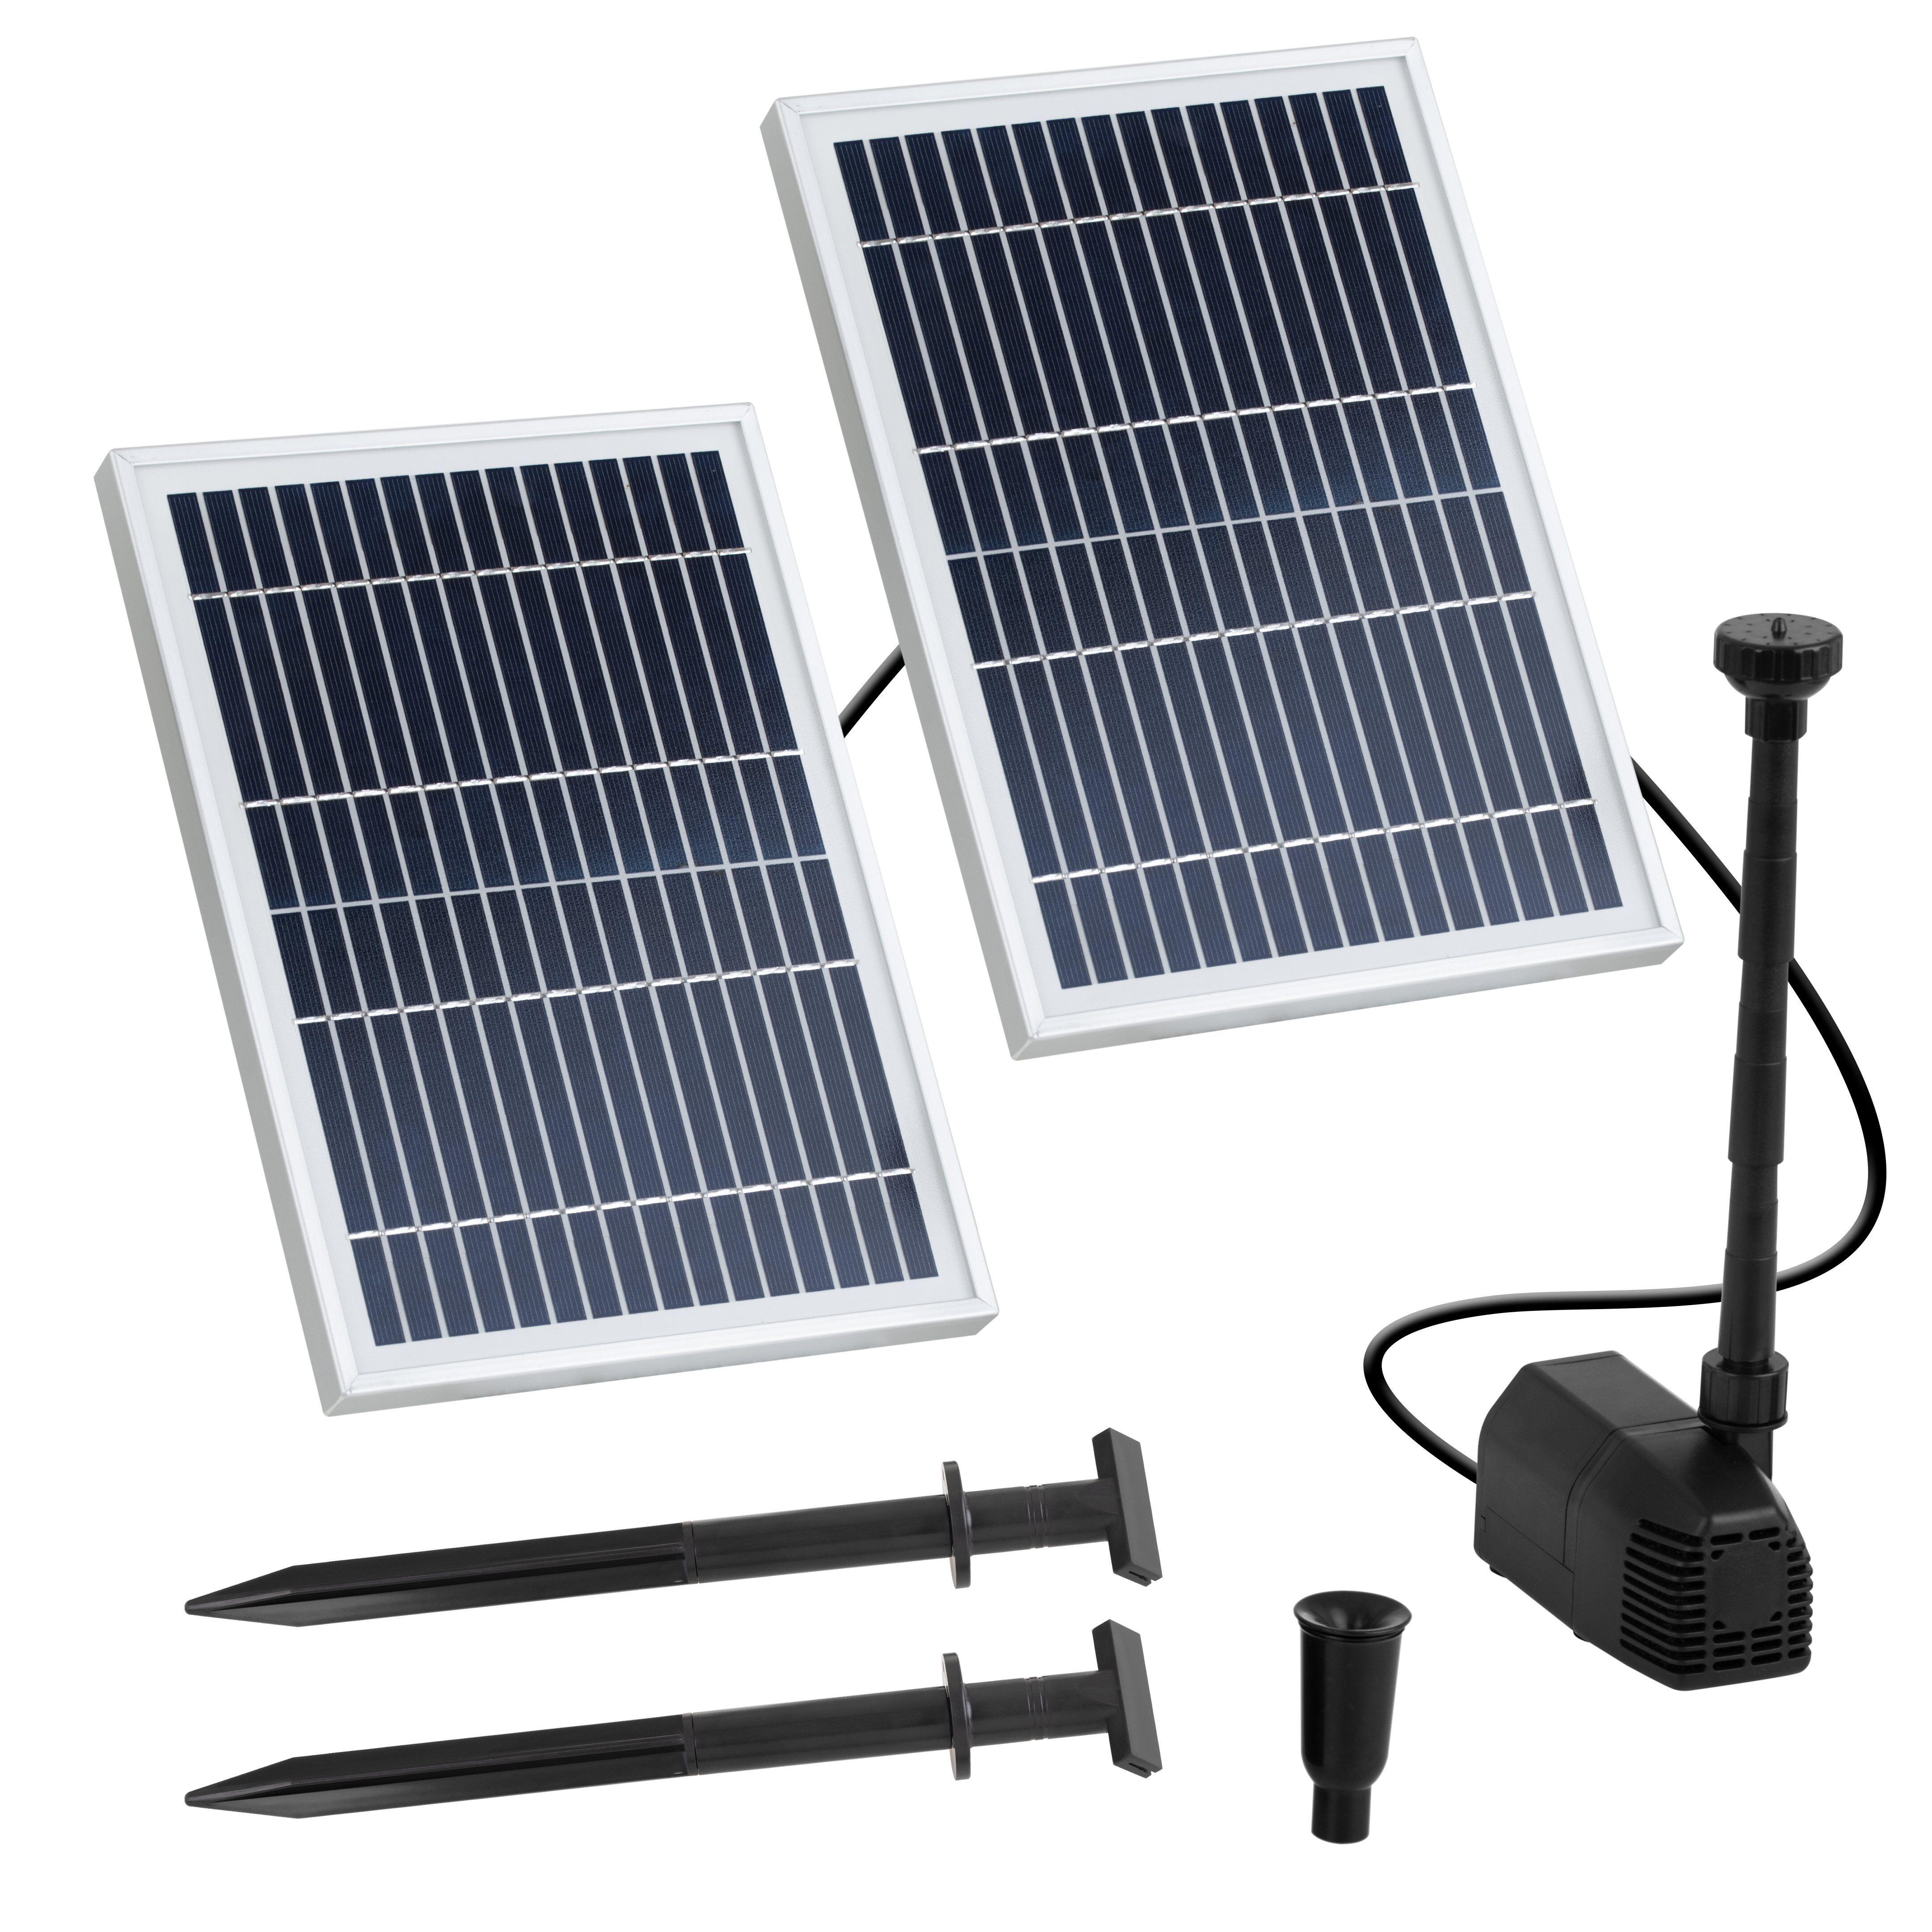 Uniprodo Pompe solaire pour bassin - 1 350 l/h UNI_PUMP_06